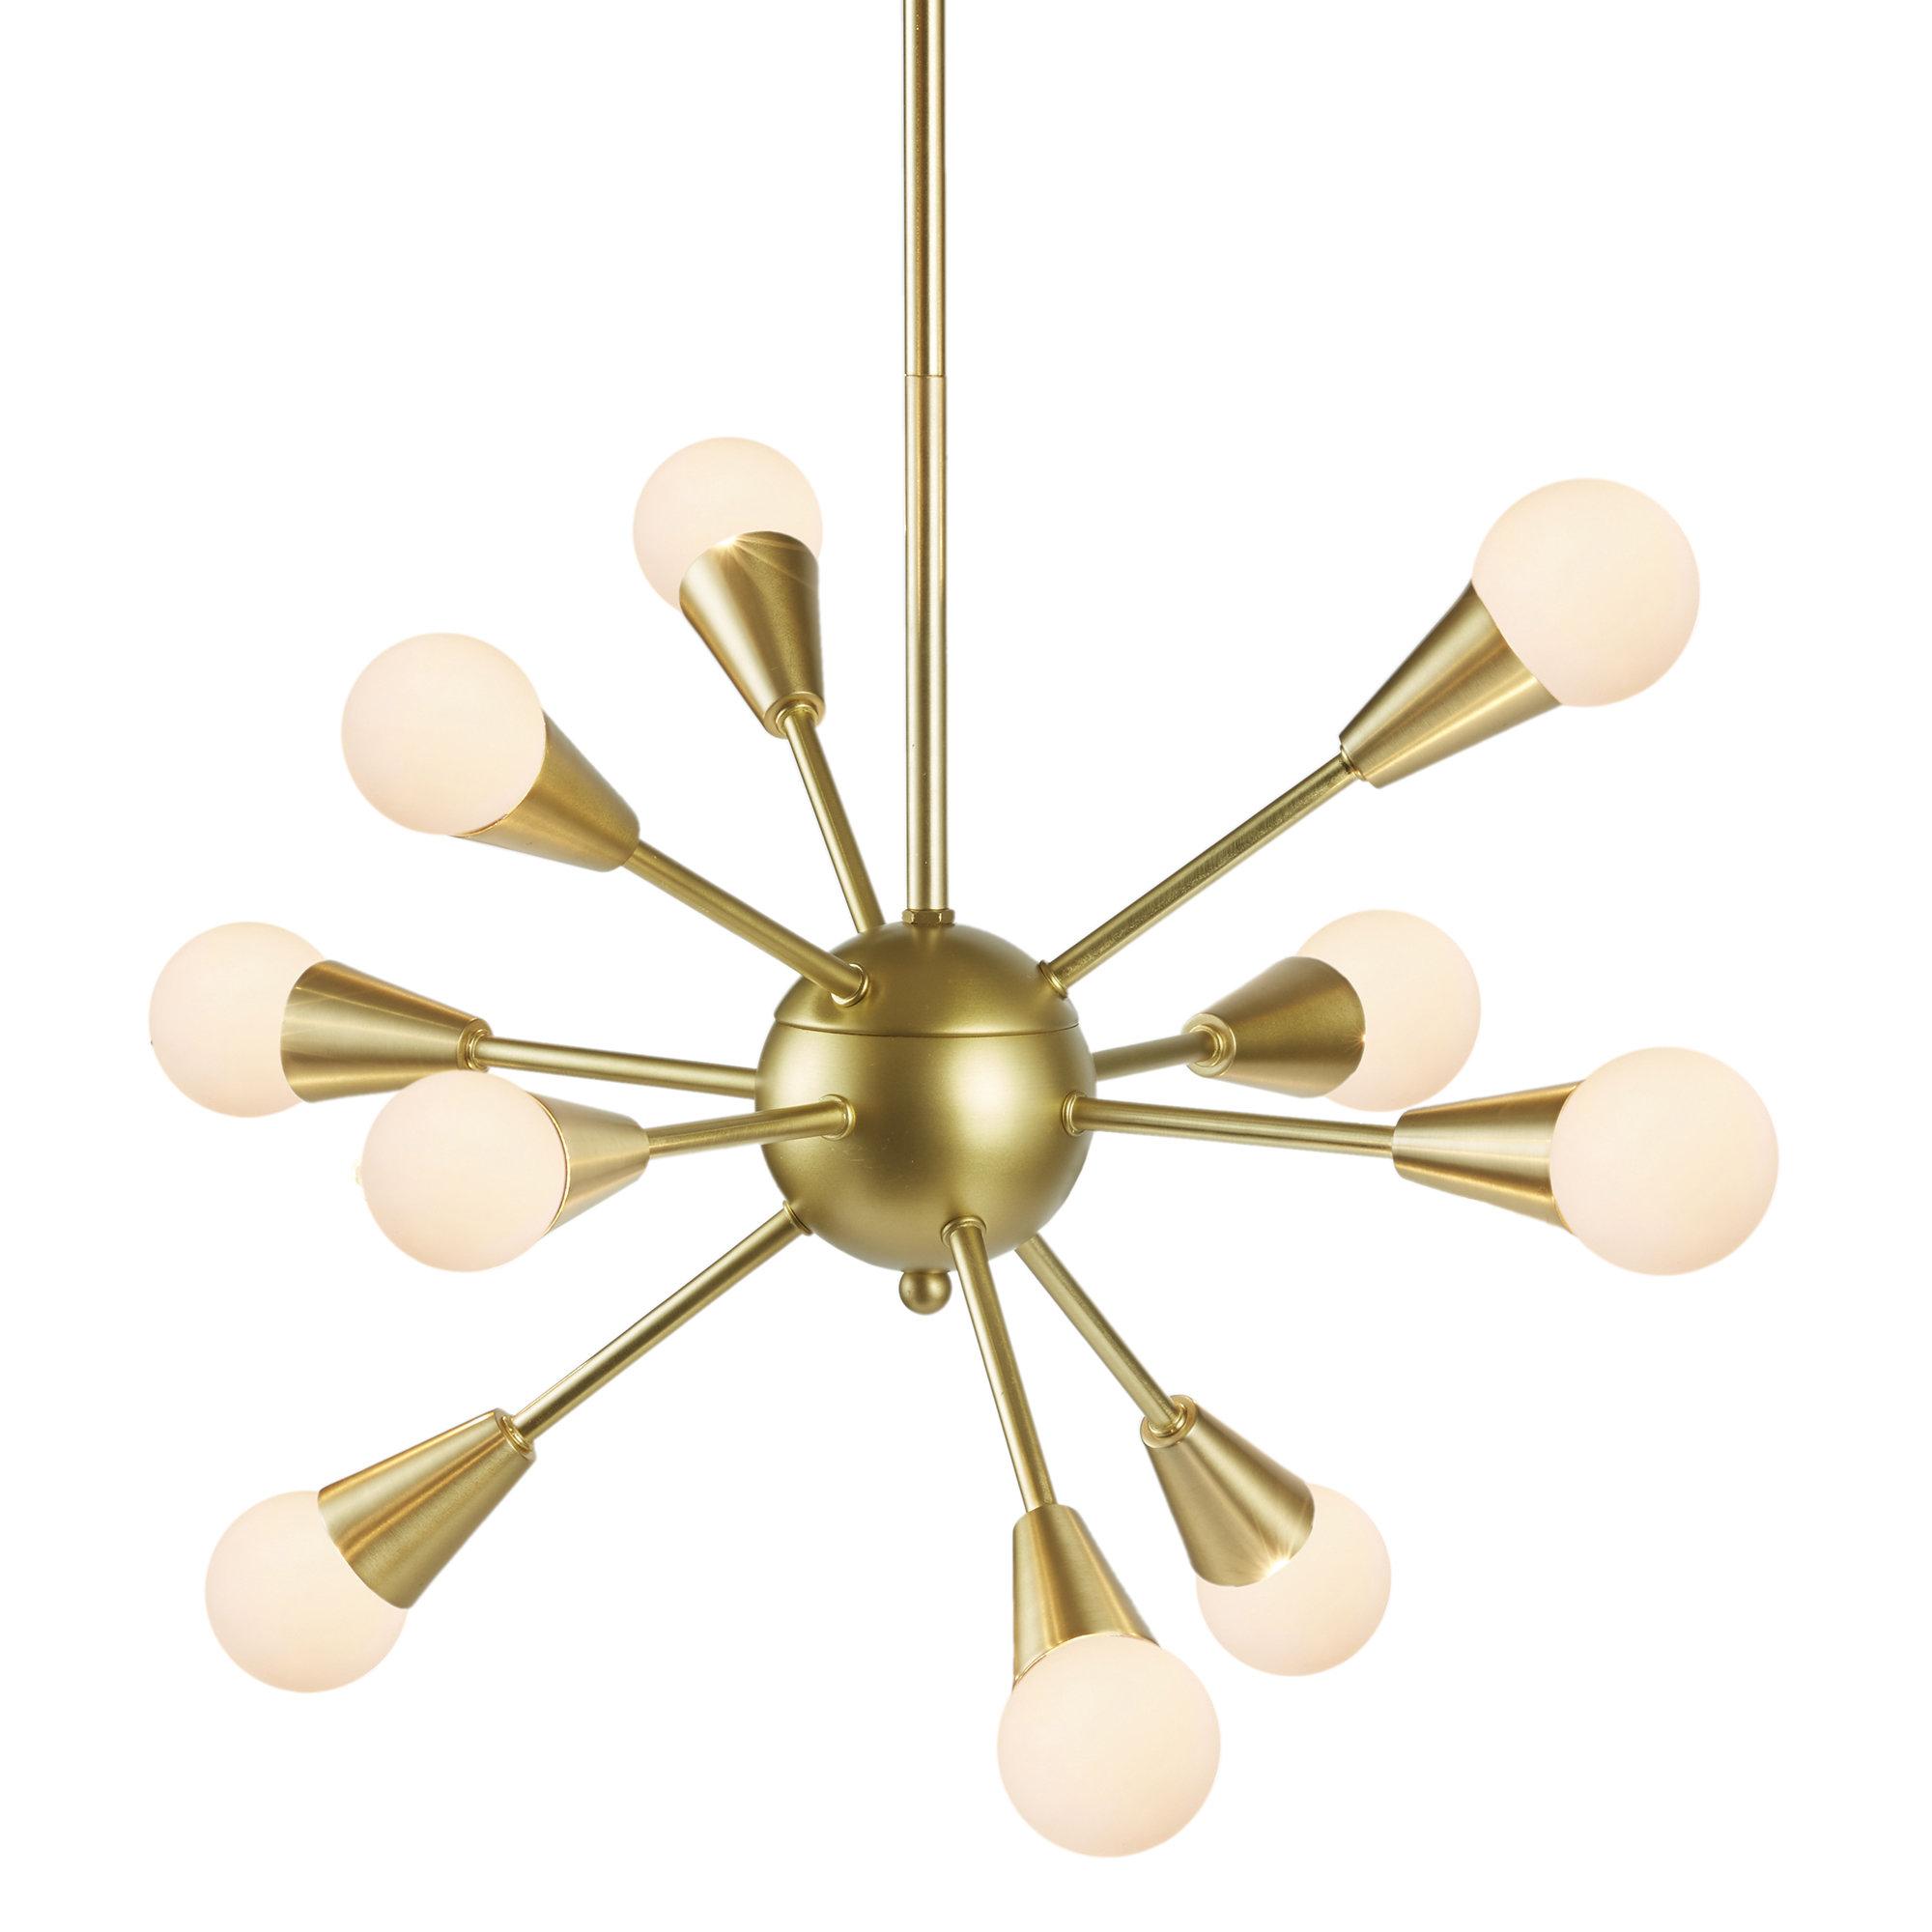 Delavega 10 Light Sputnik Chandelier In Current Defreitas 18 Light Sputnik Chandeliers (View 14 of 25)